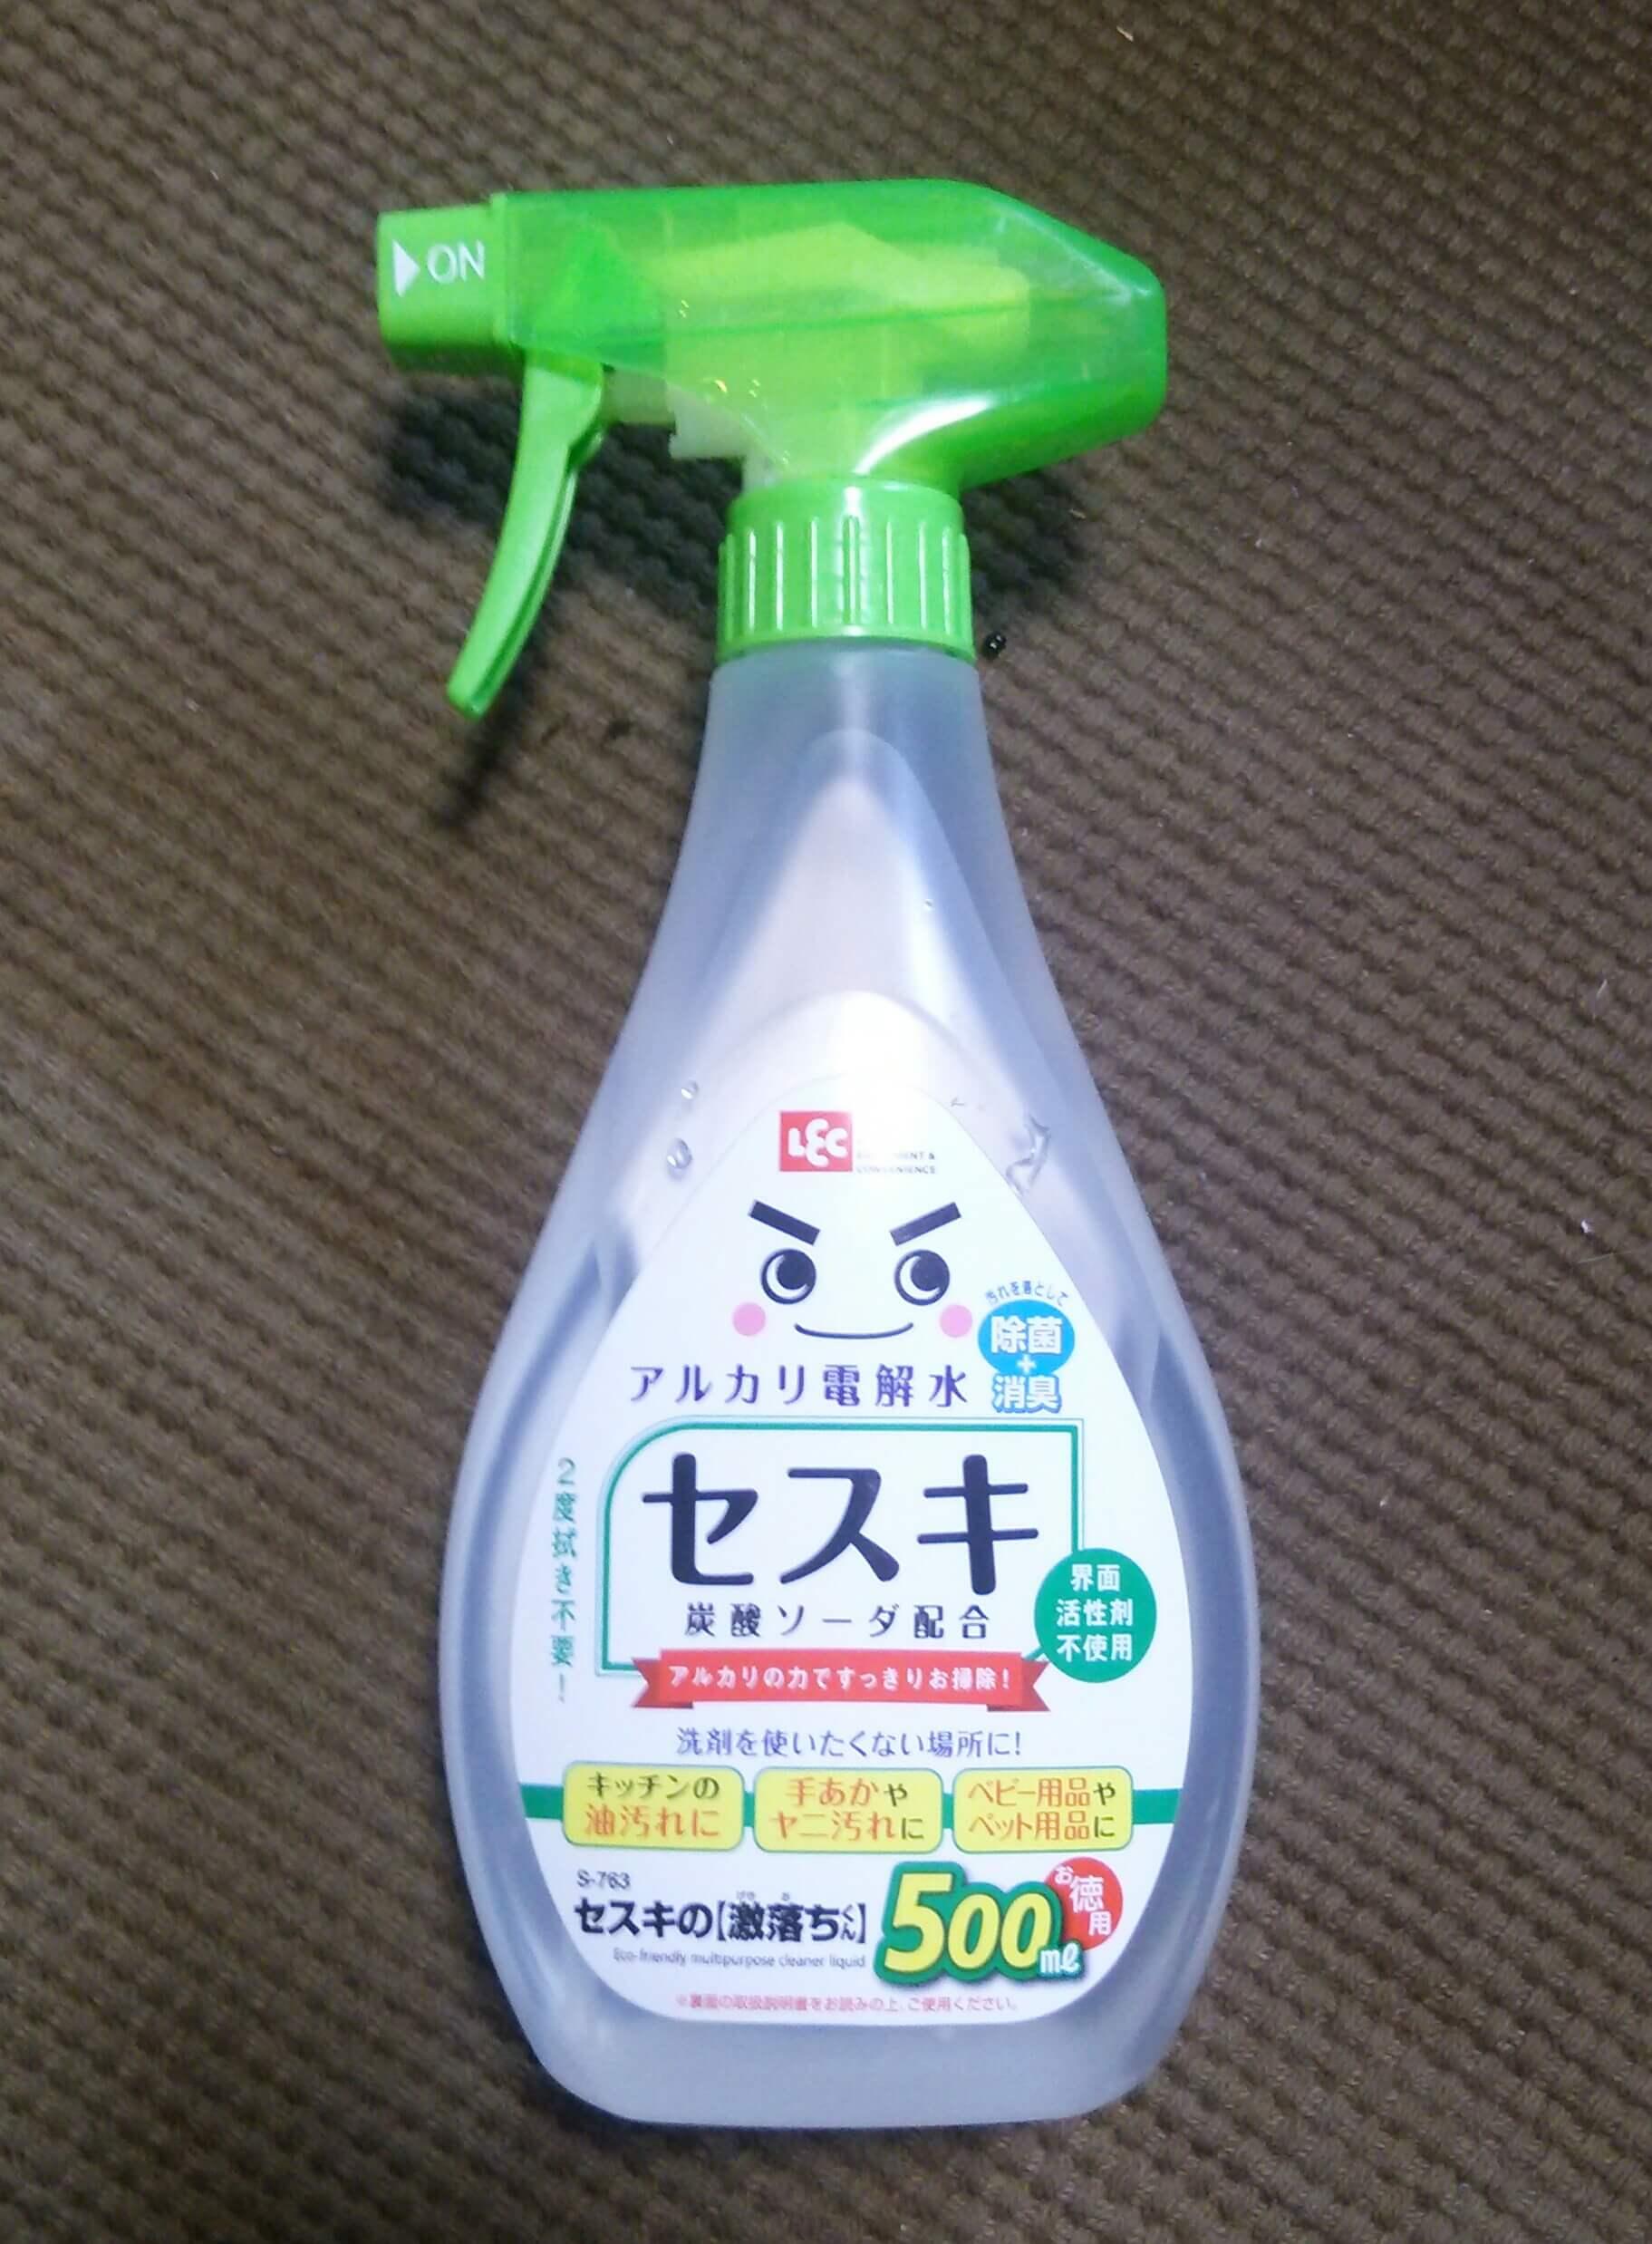 セスキの激落ちくんを使用して壁紙などのヤニ汚れを掃除した効果は